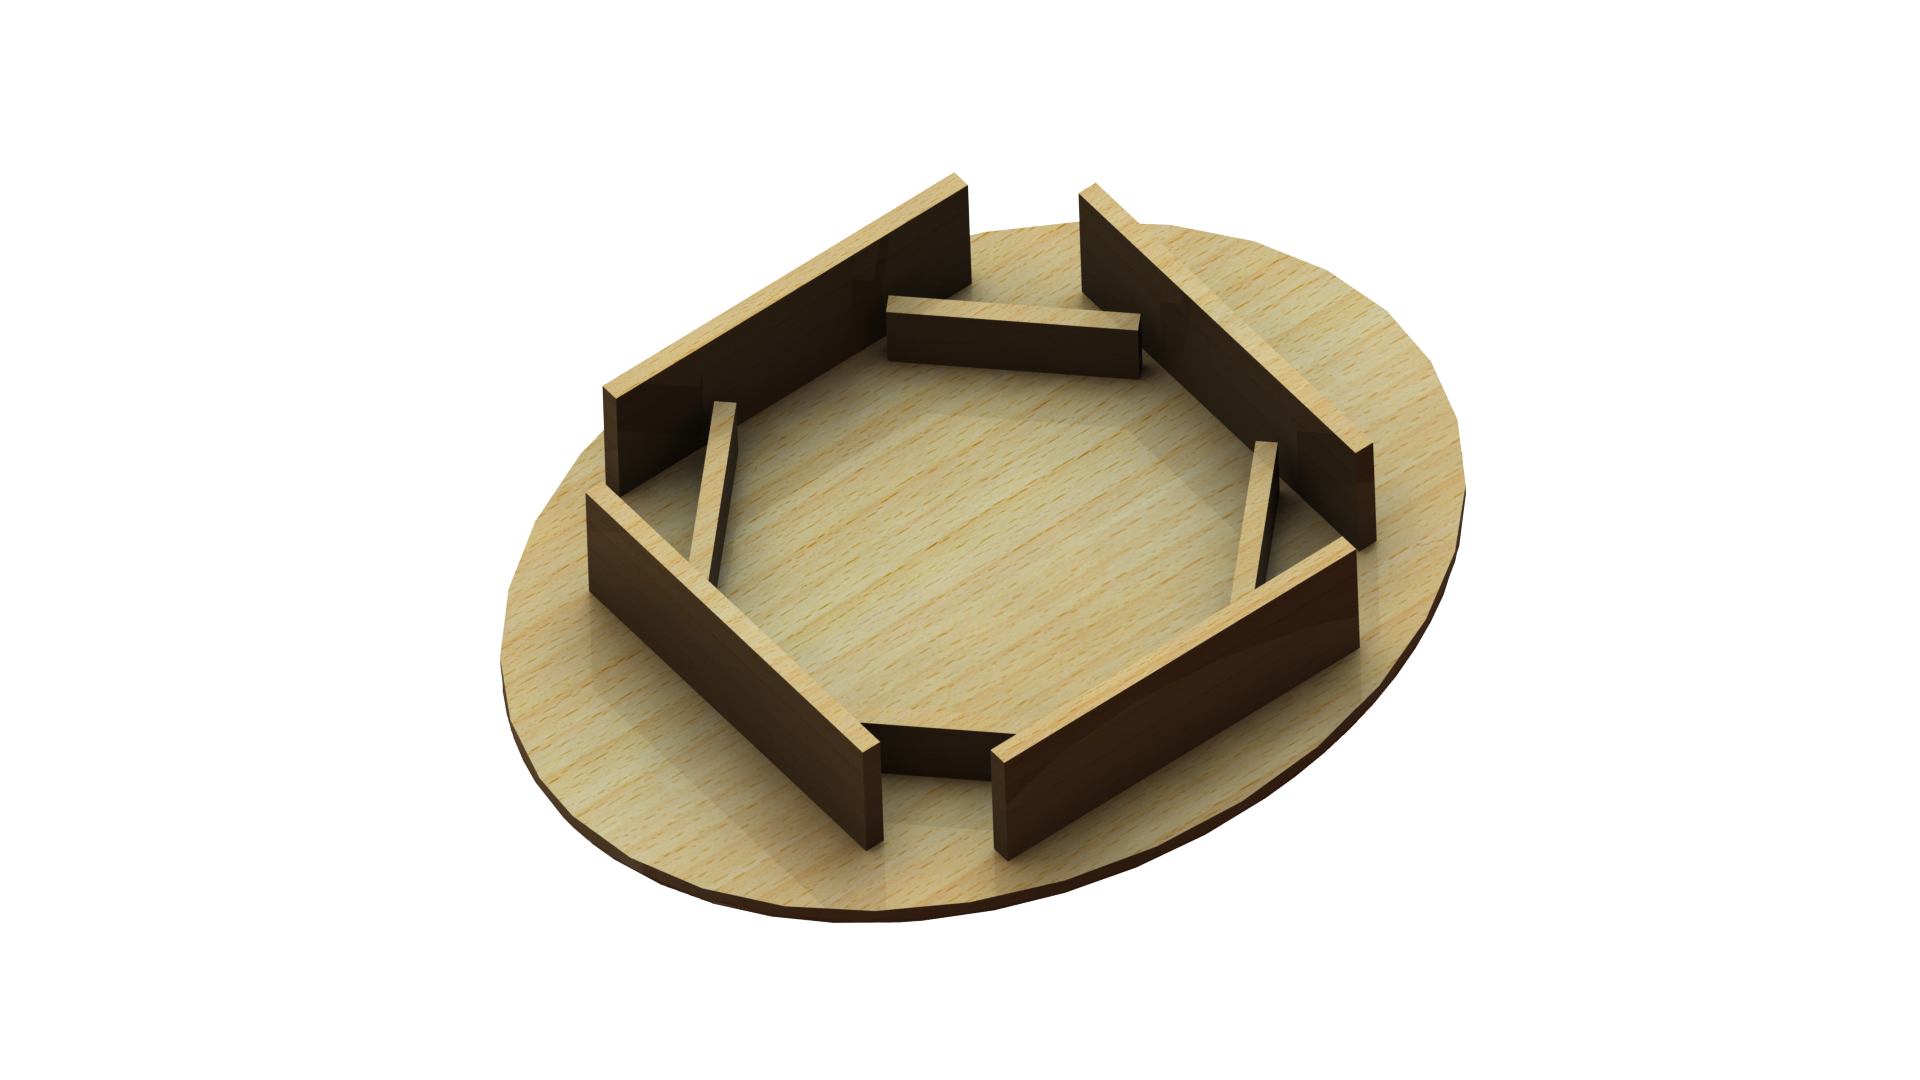 Tischplatte für Sitzwürfel aus Holz